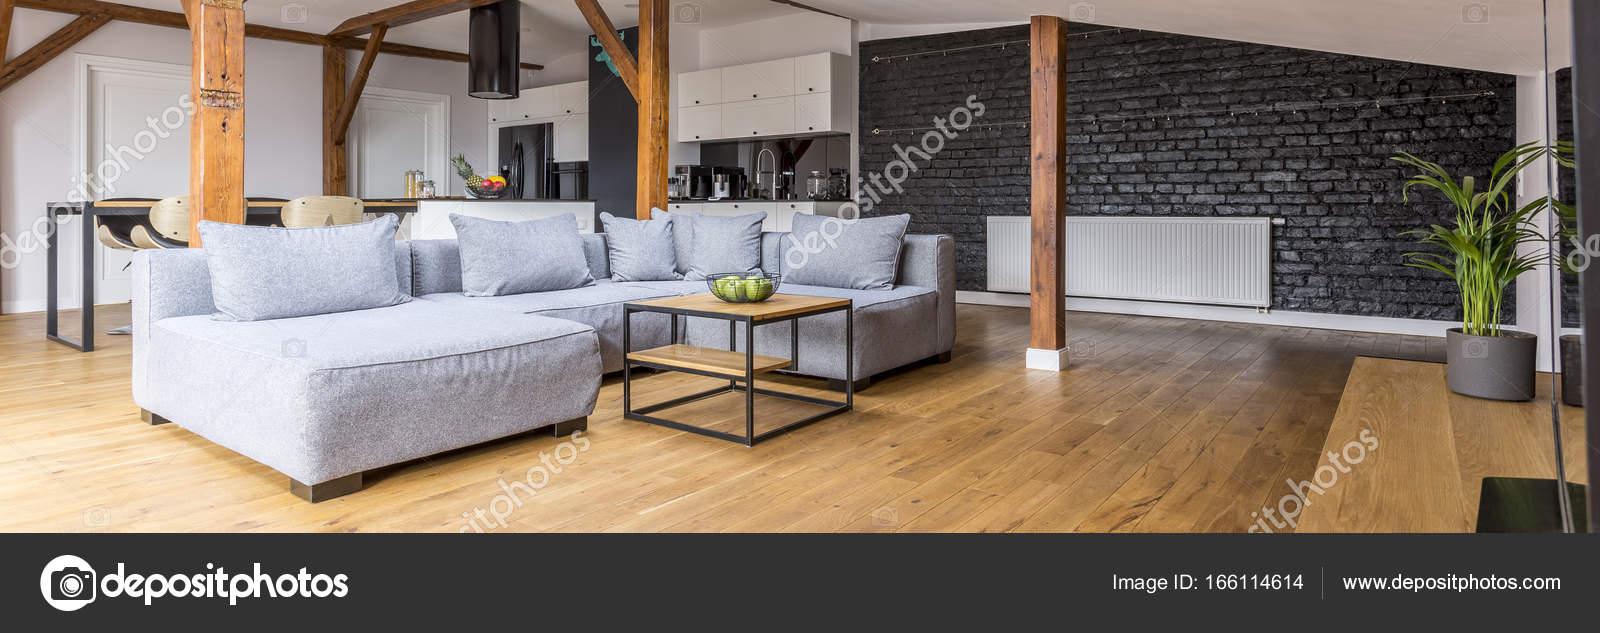 loft interieur mit schlichtem design bilder, modernes loft mit holzbalken — stockfoto © photographee.eu #166114614, Design ideen